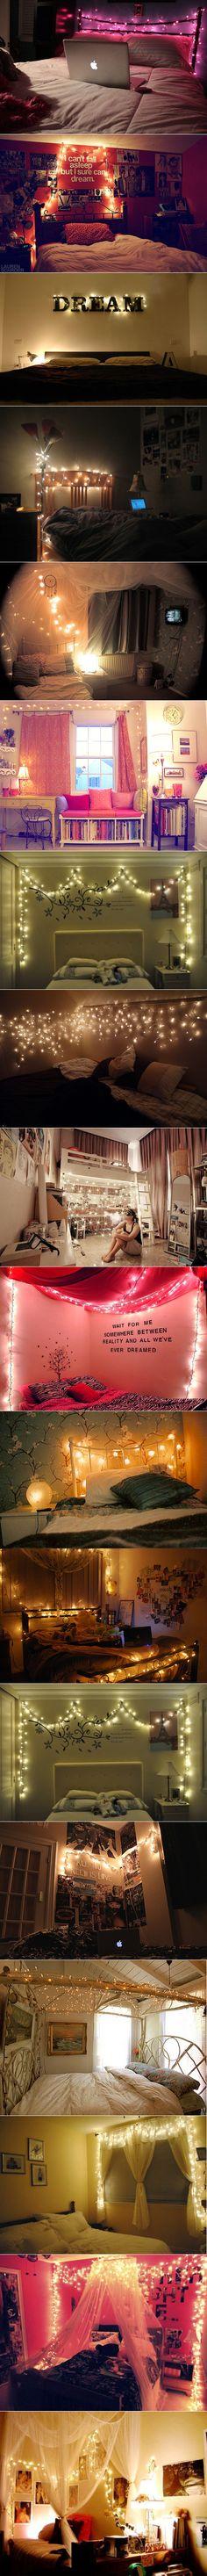 Bedroom String Light Ideas bedroom decor bed diy lighting interior design diy ideas easy diy decorations string lights home decorating